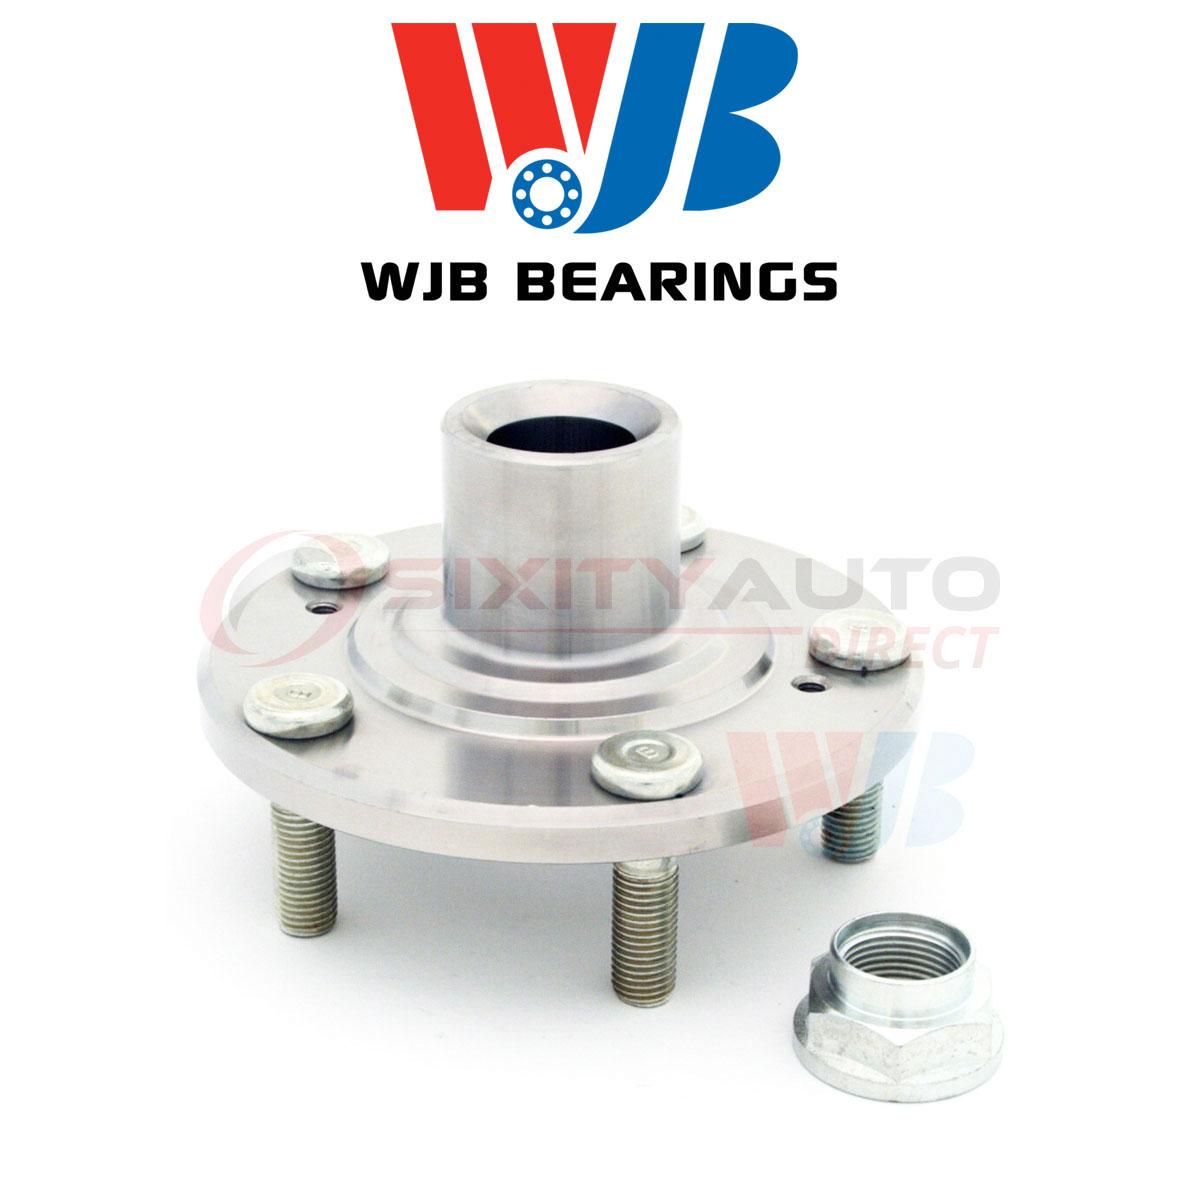 WJB Wheel Hub For 2002-2006 Acura RSX 2.0L L4